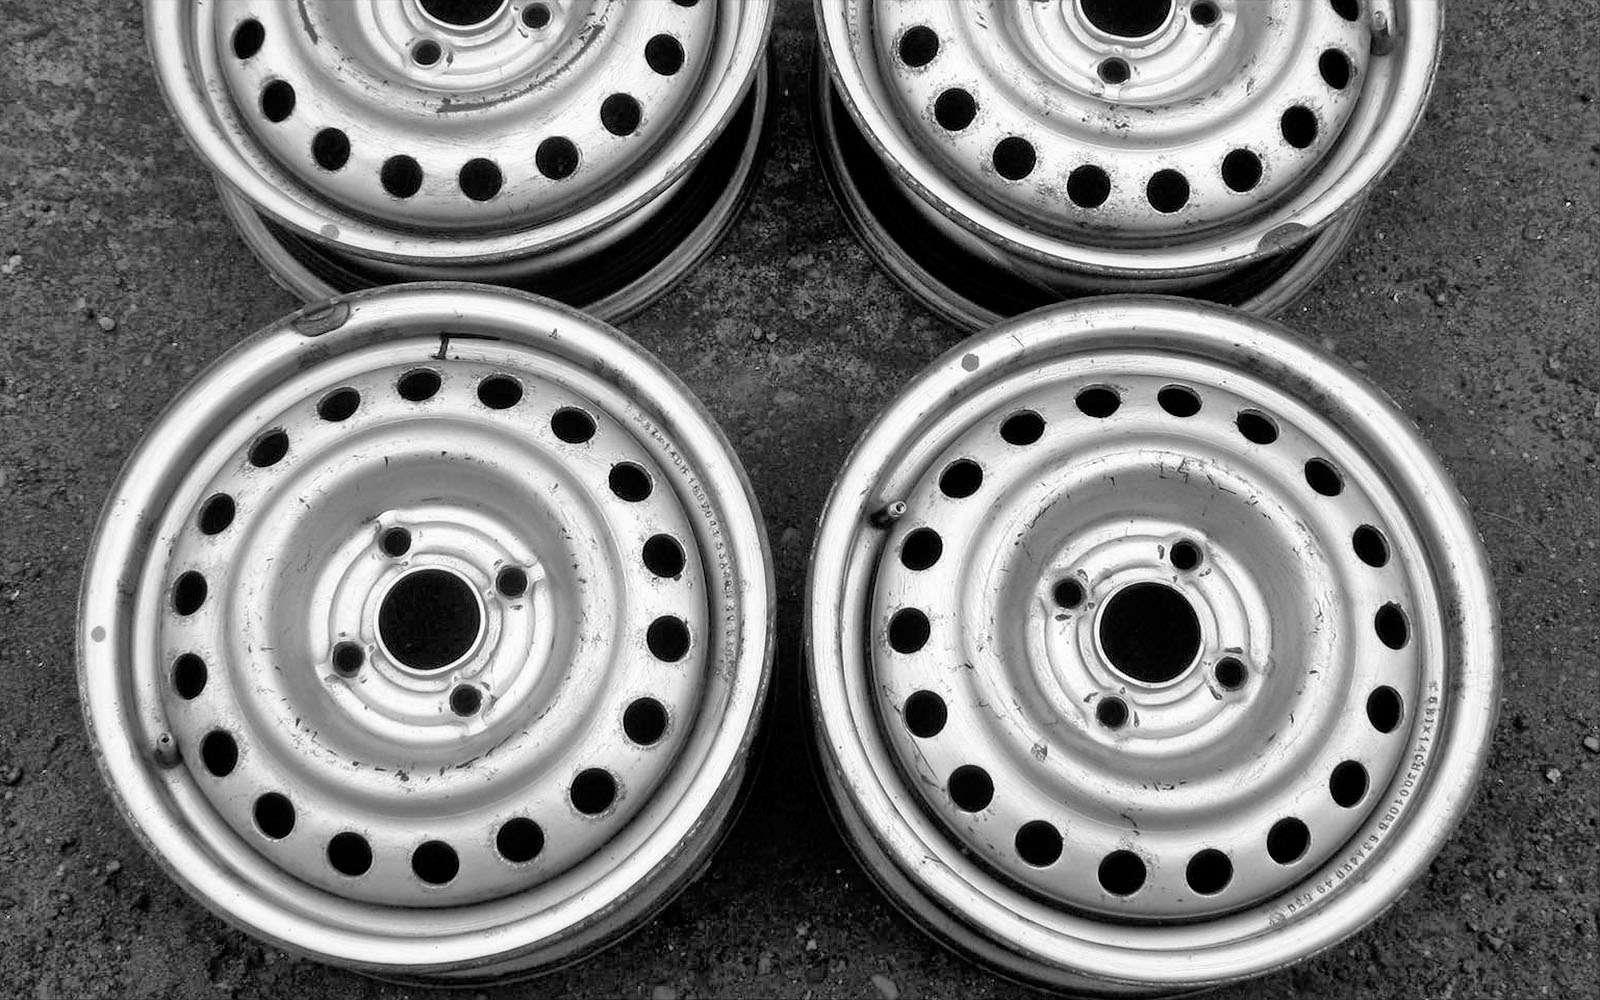 Литые диски: стоит липереплачивать?— фото 598906